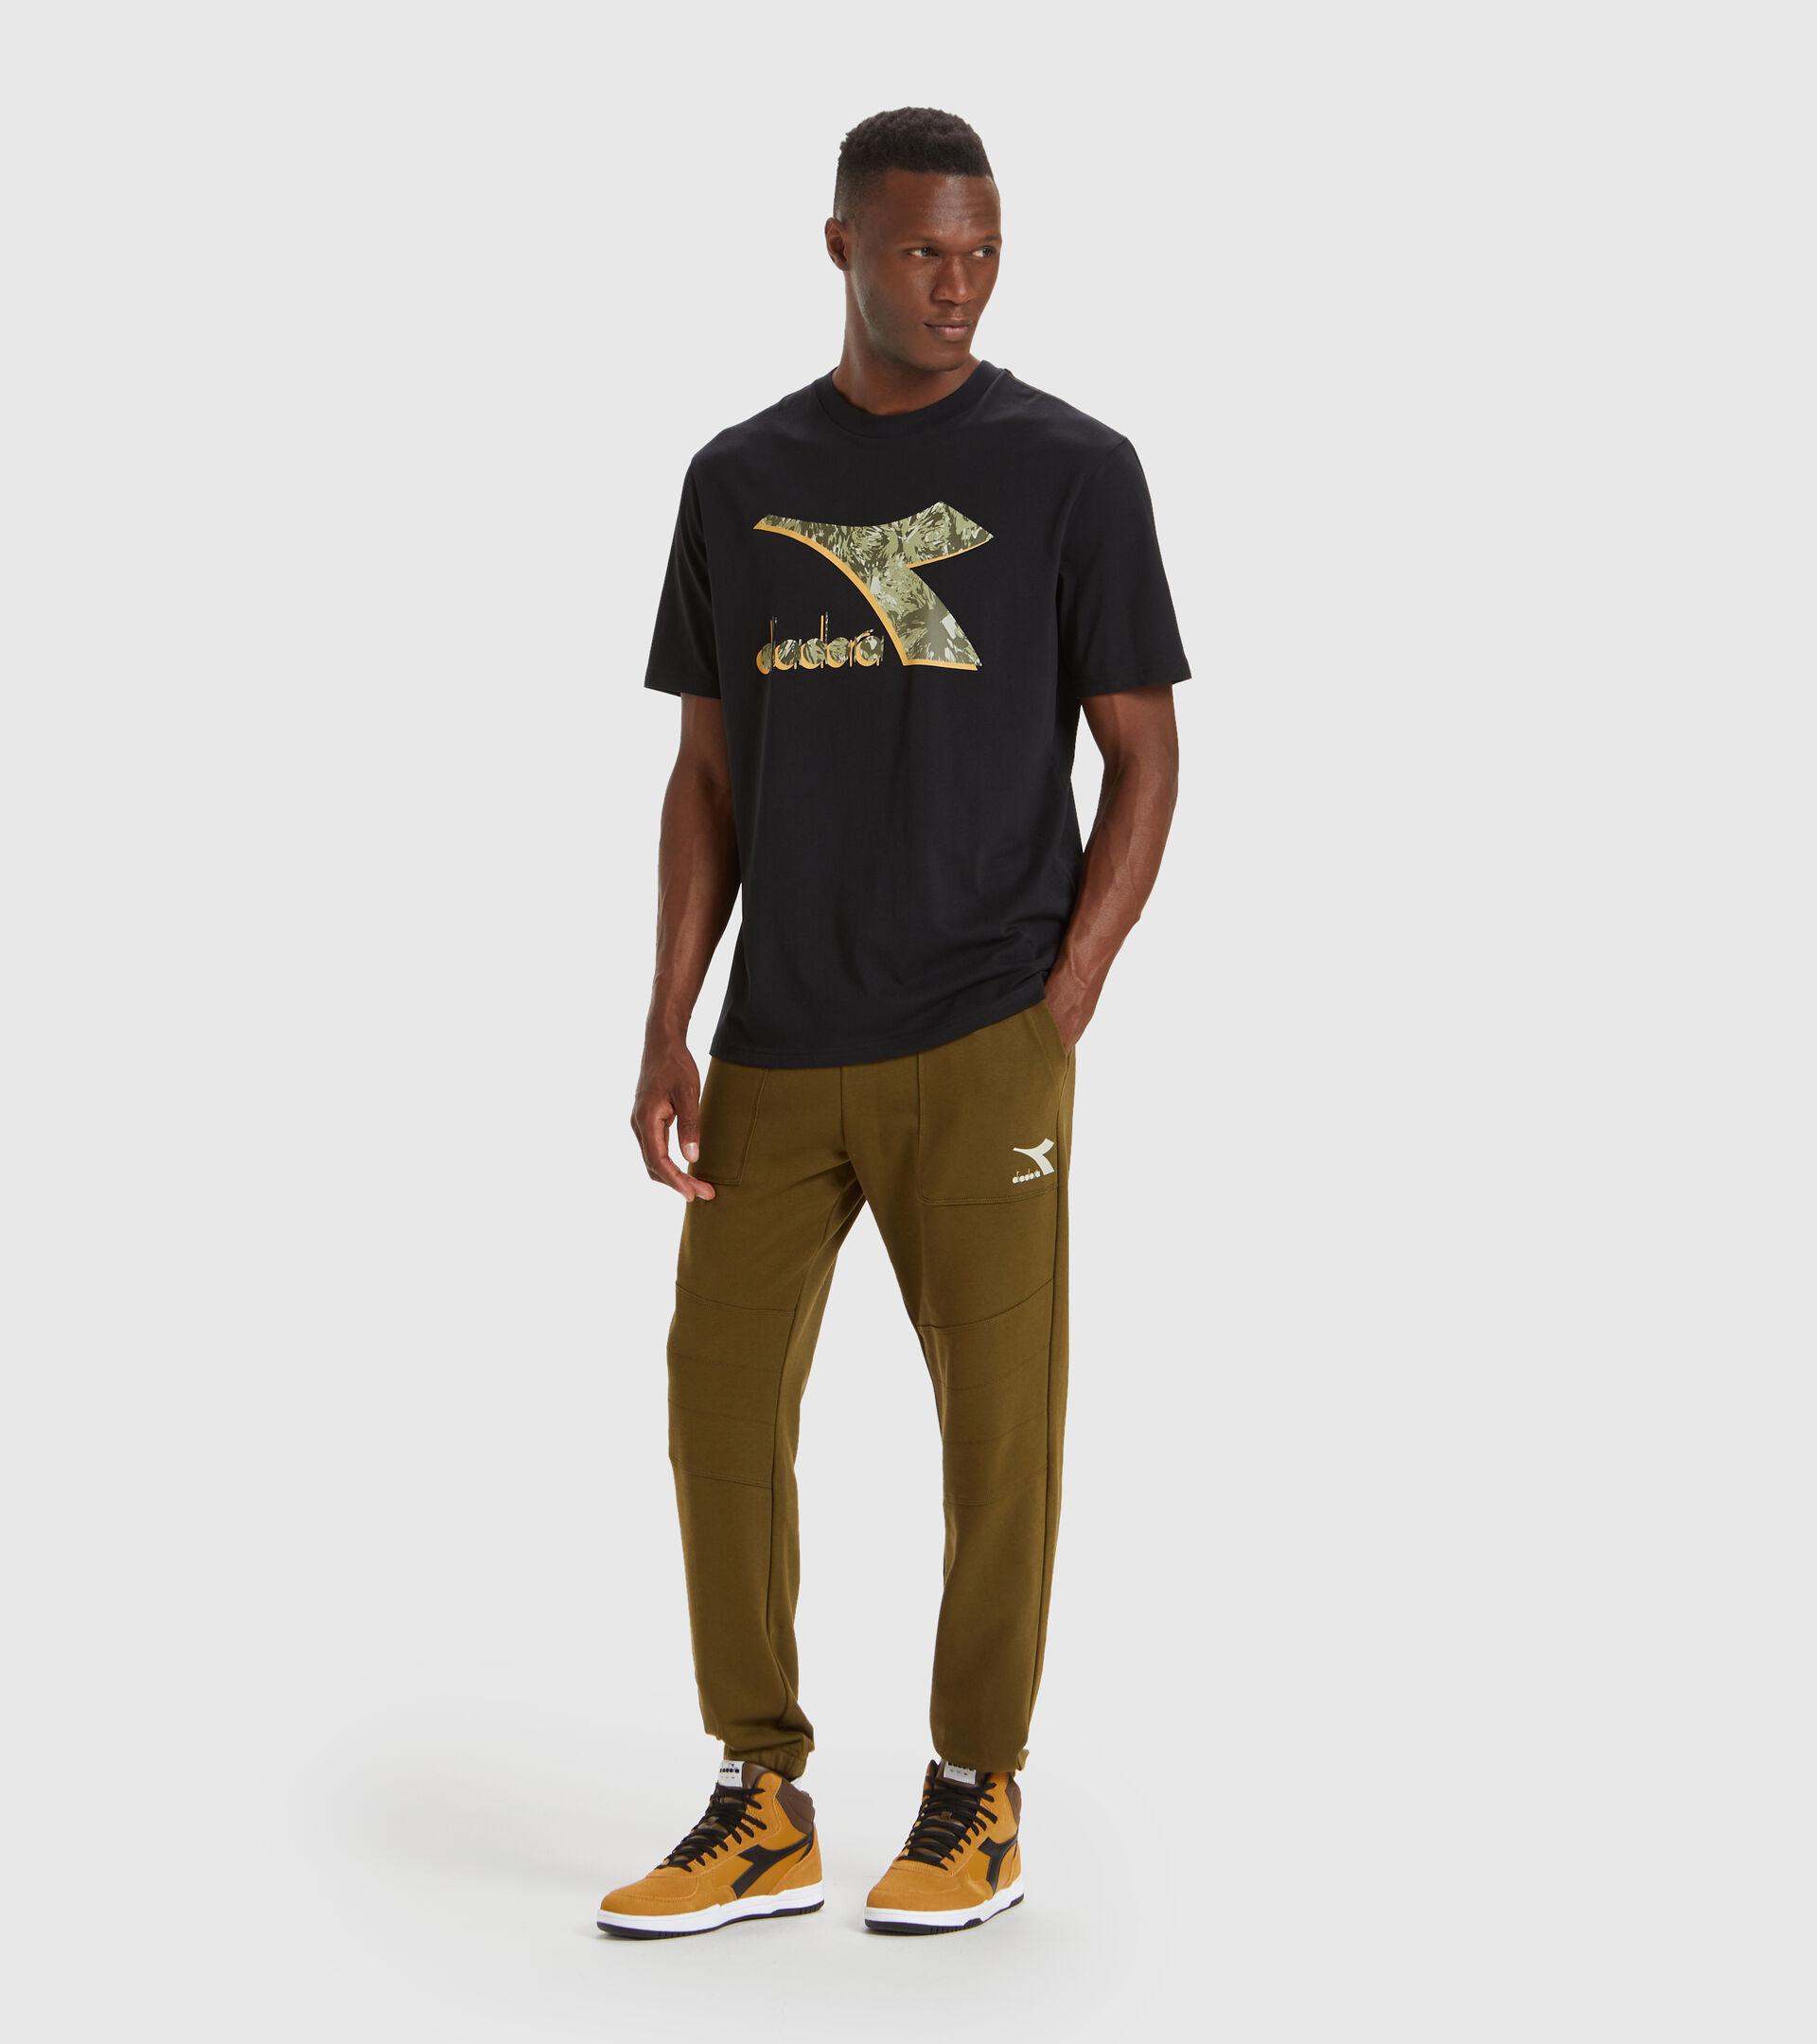 T-Shirt - Herren T-SHIRT SS SHIELD SCHWARZ - Diadora